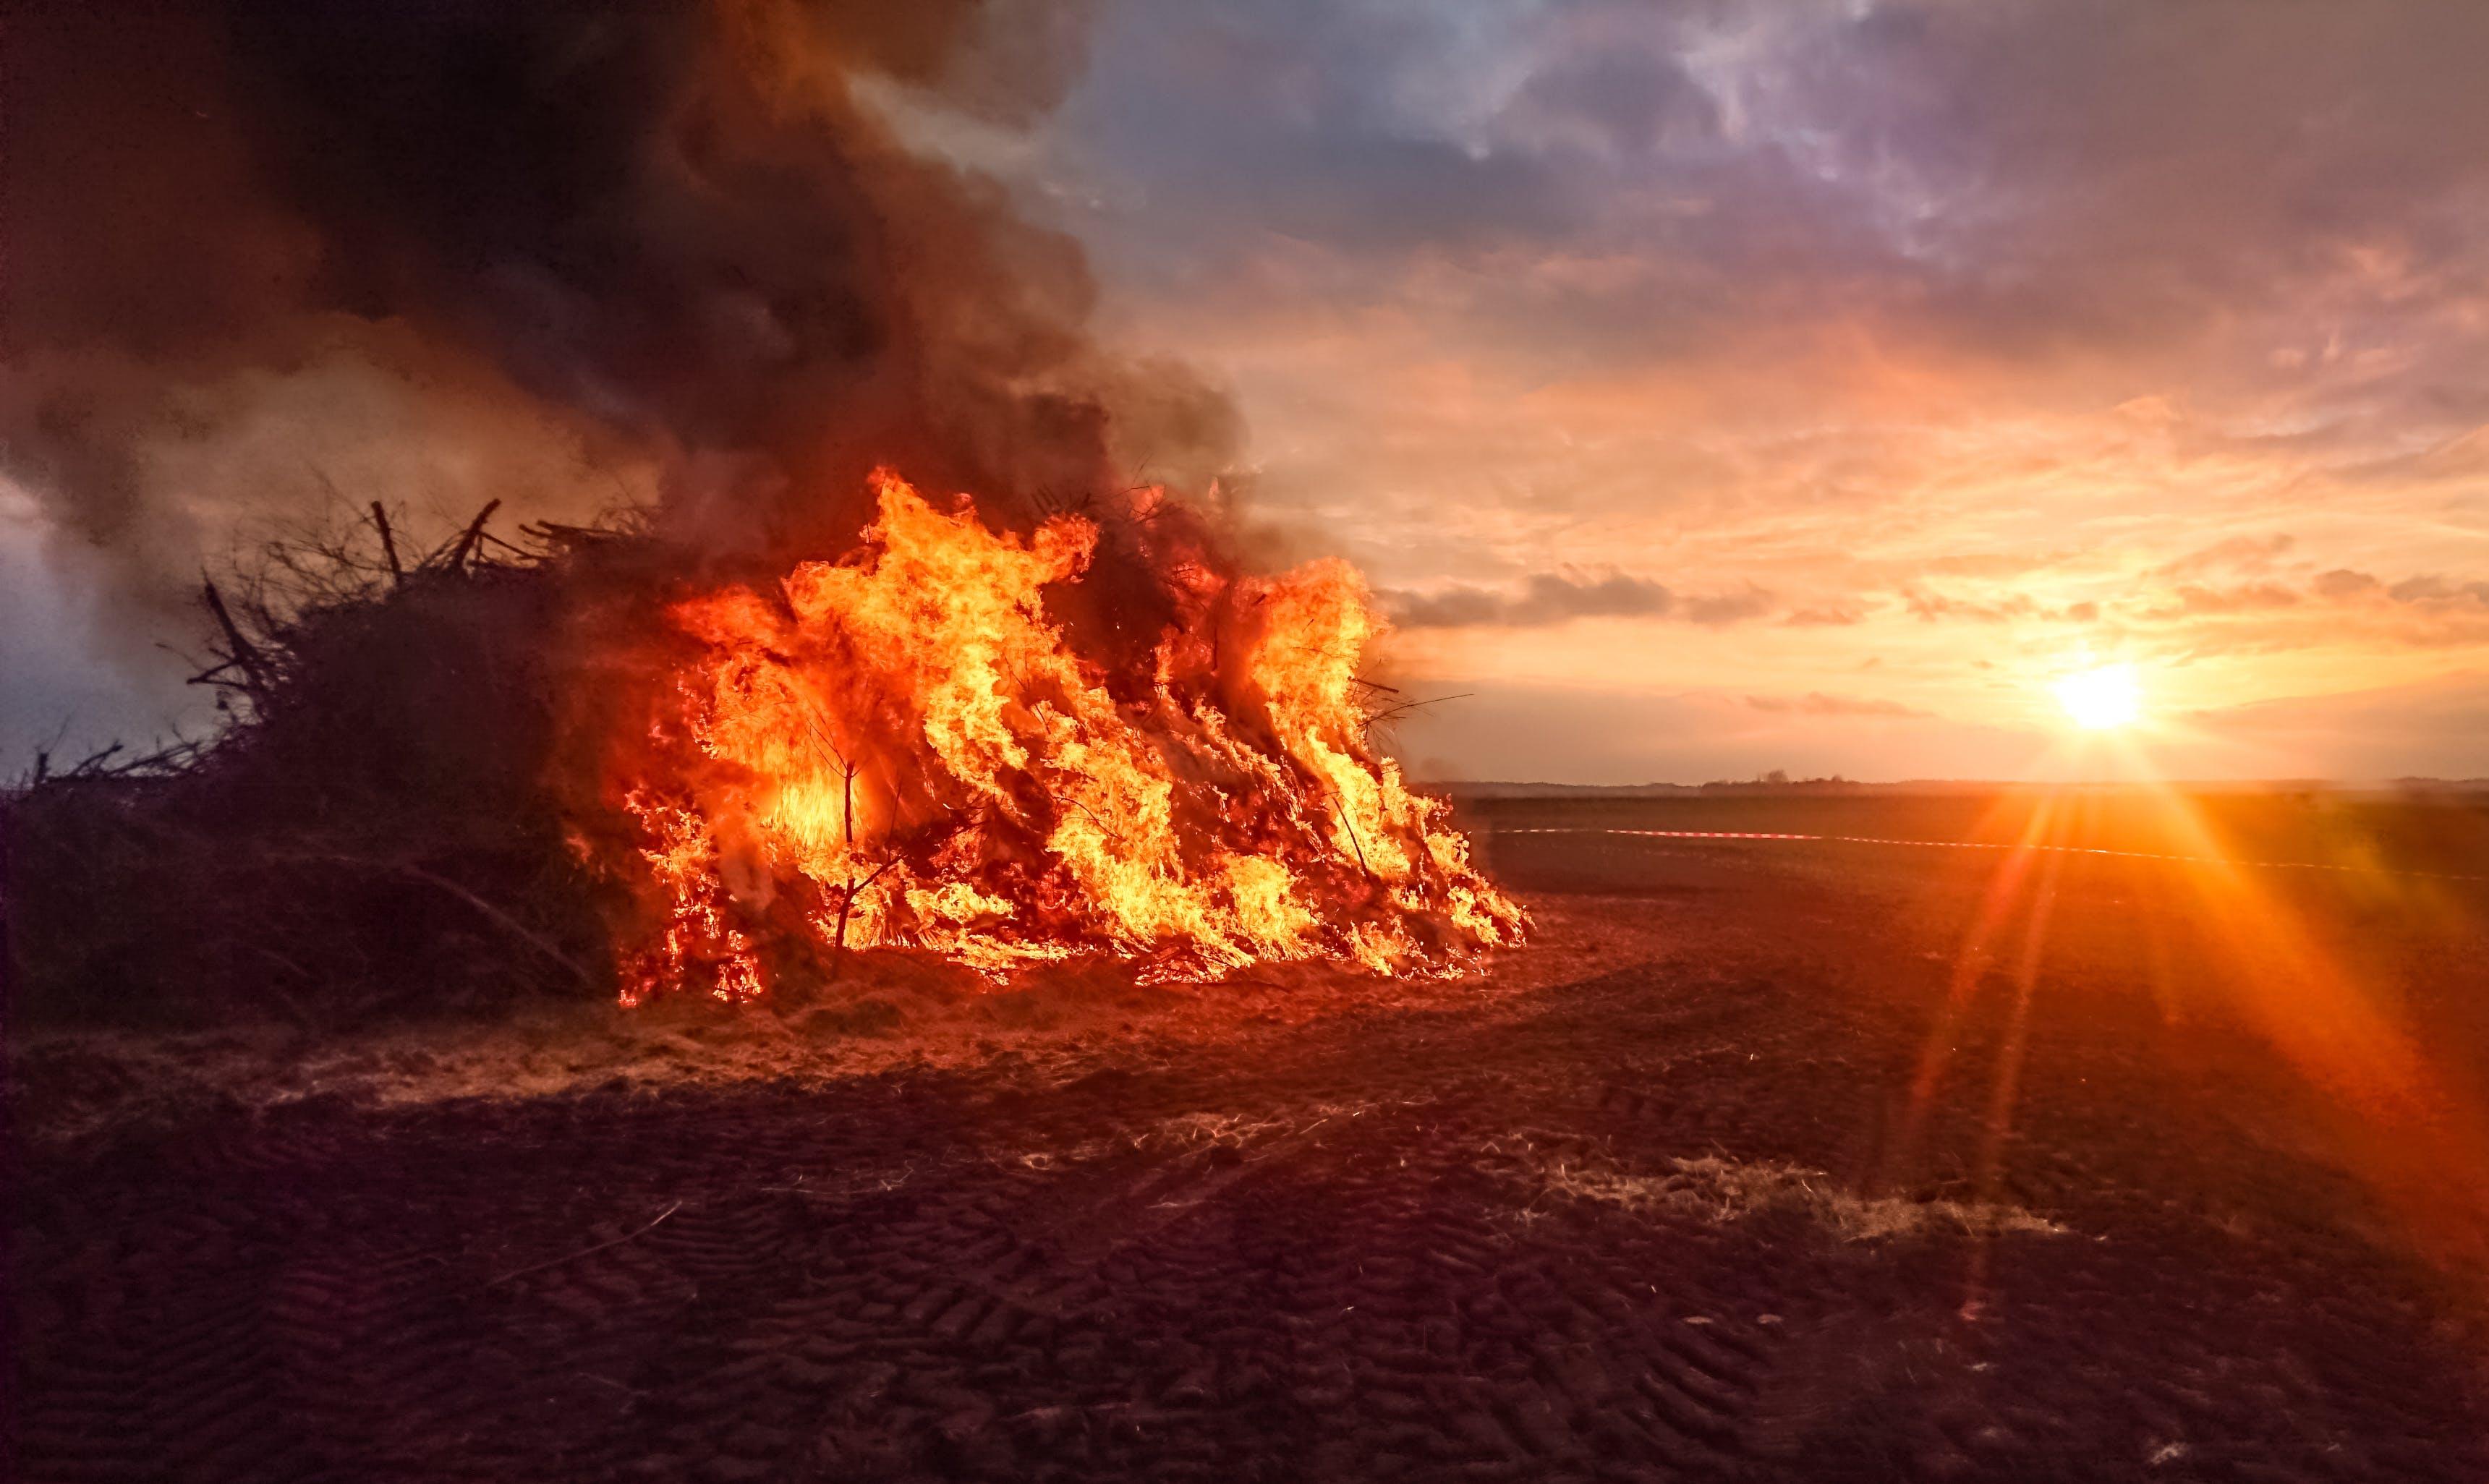 คลังภาพถ่ายฟรี ของ การปะทุ, การเผาไหม้, ความร้อน, ความอบอุ่น